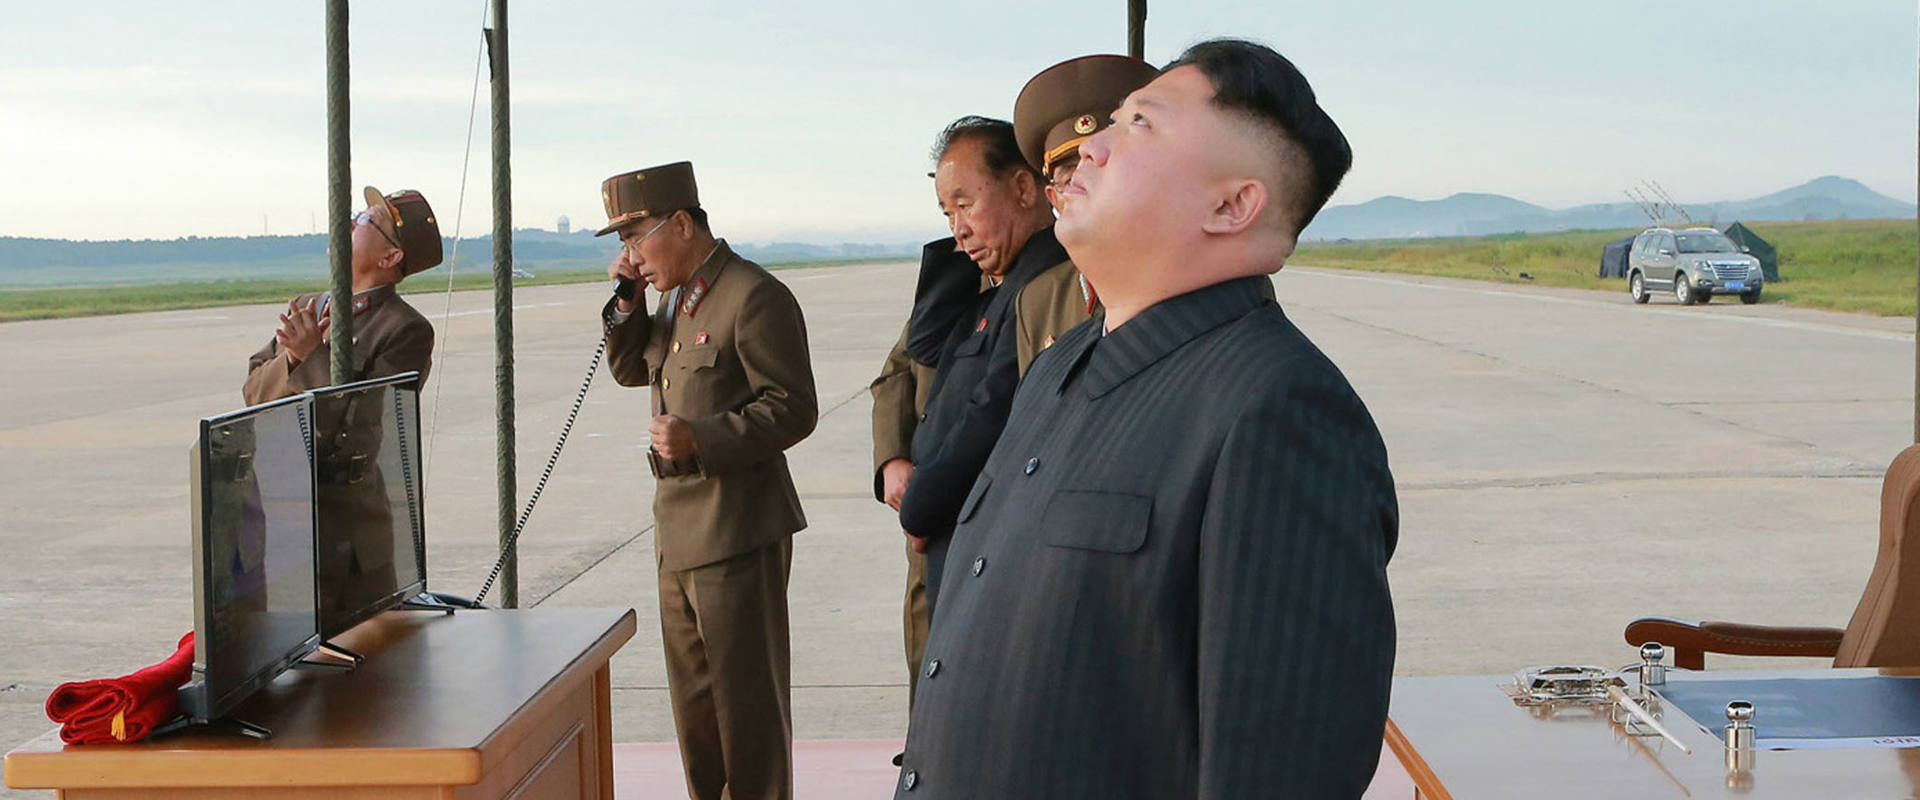 קים ג'ונג און צופה בניסוי בשיגור טיל, לפני כשבוע